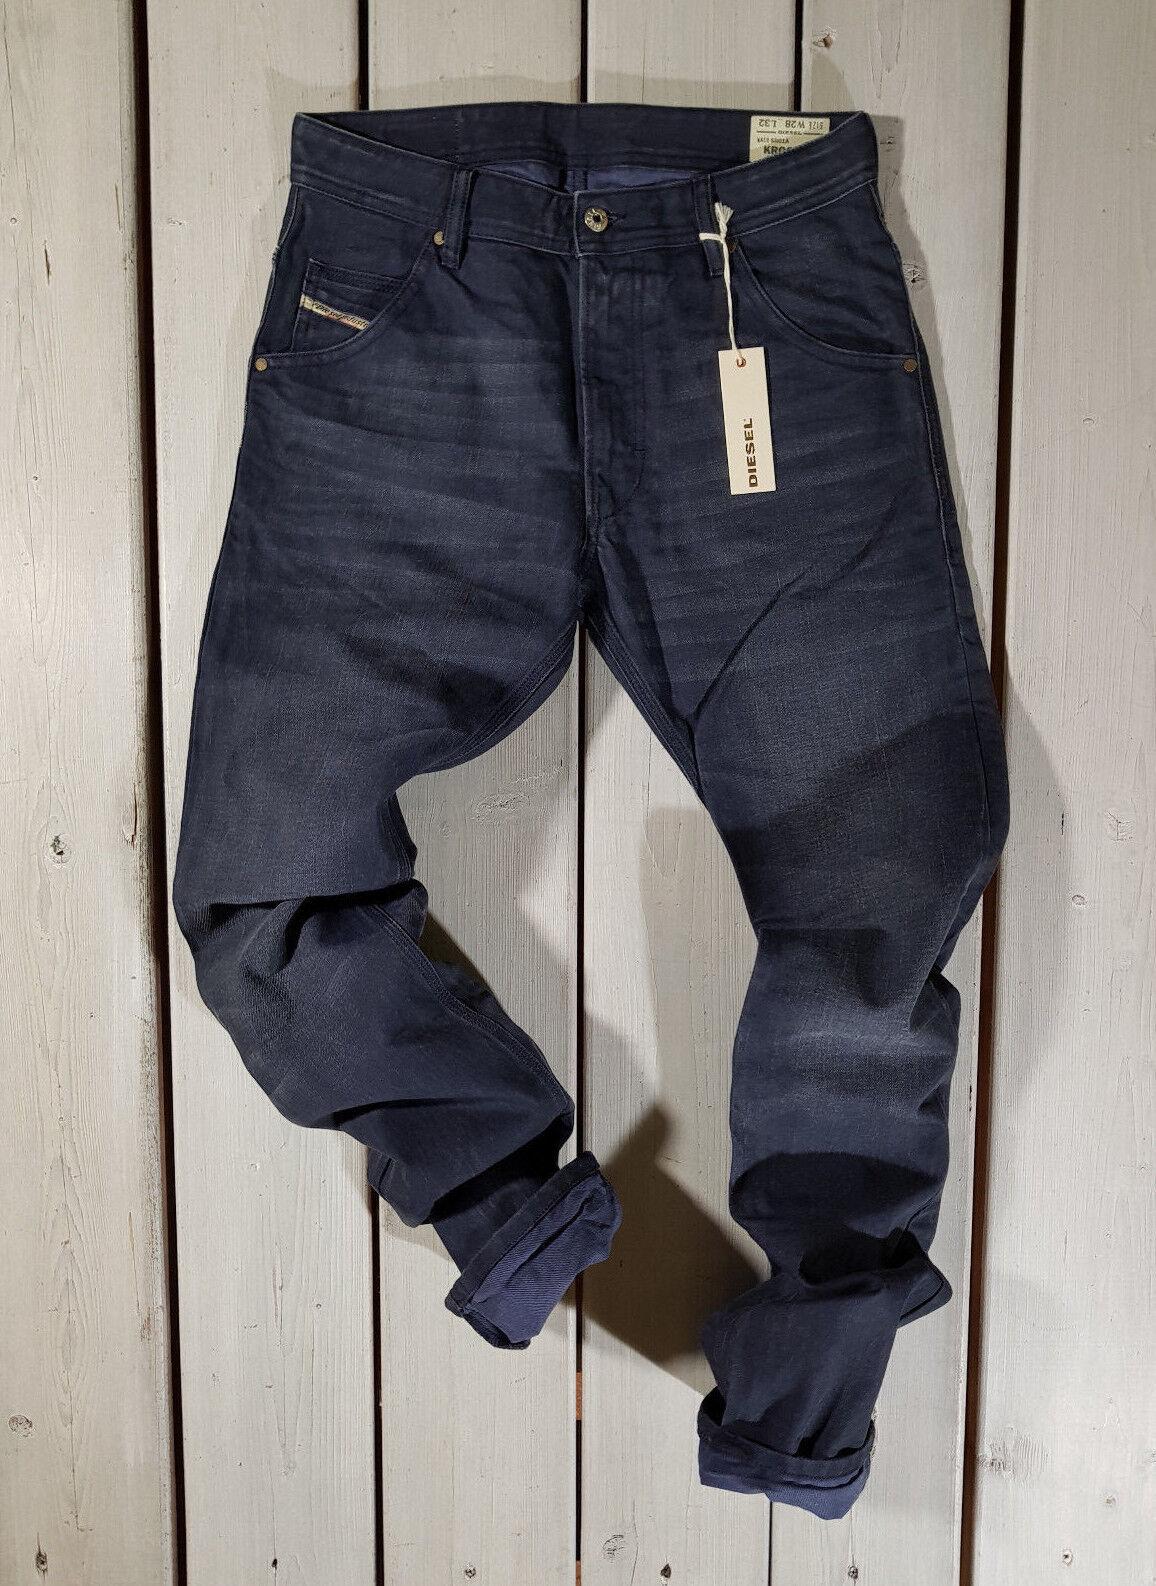 Neu Diesel HERREN Jeans W28 L32 Krooley SR01A Normale Passform Karotte     | Einfach zu spielen, freies Leben  | Sale Deutschland  | Moderne Muster